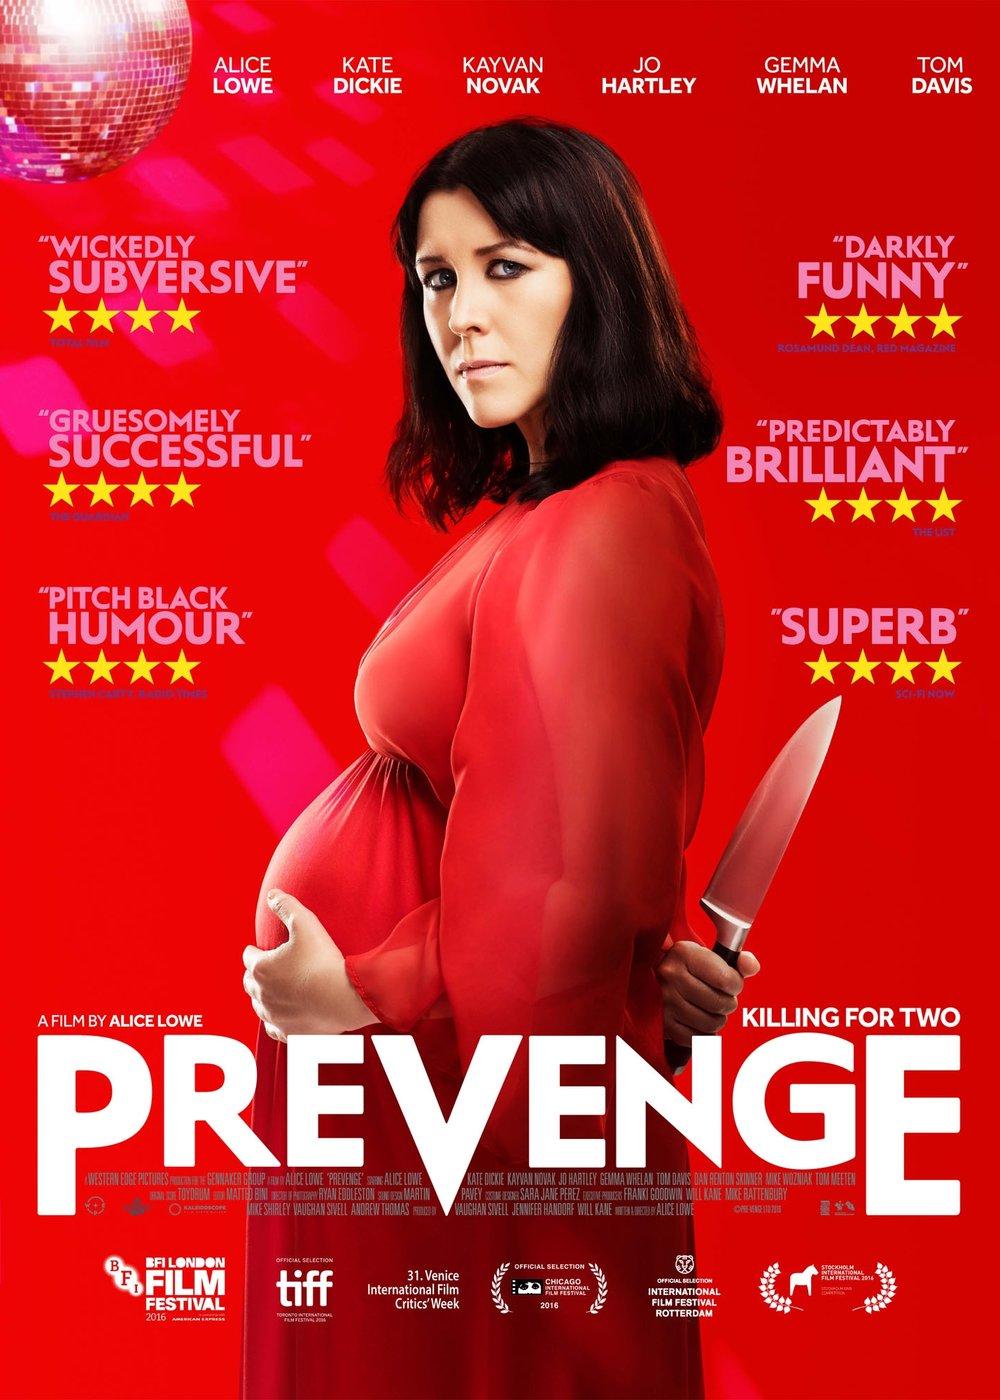 prevenge_poster.jpg